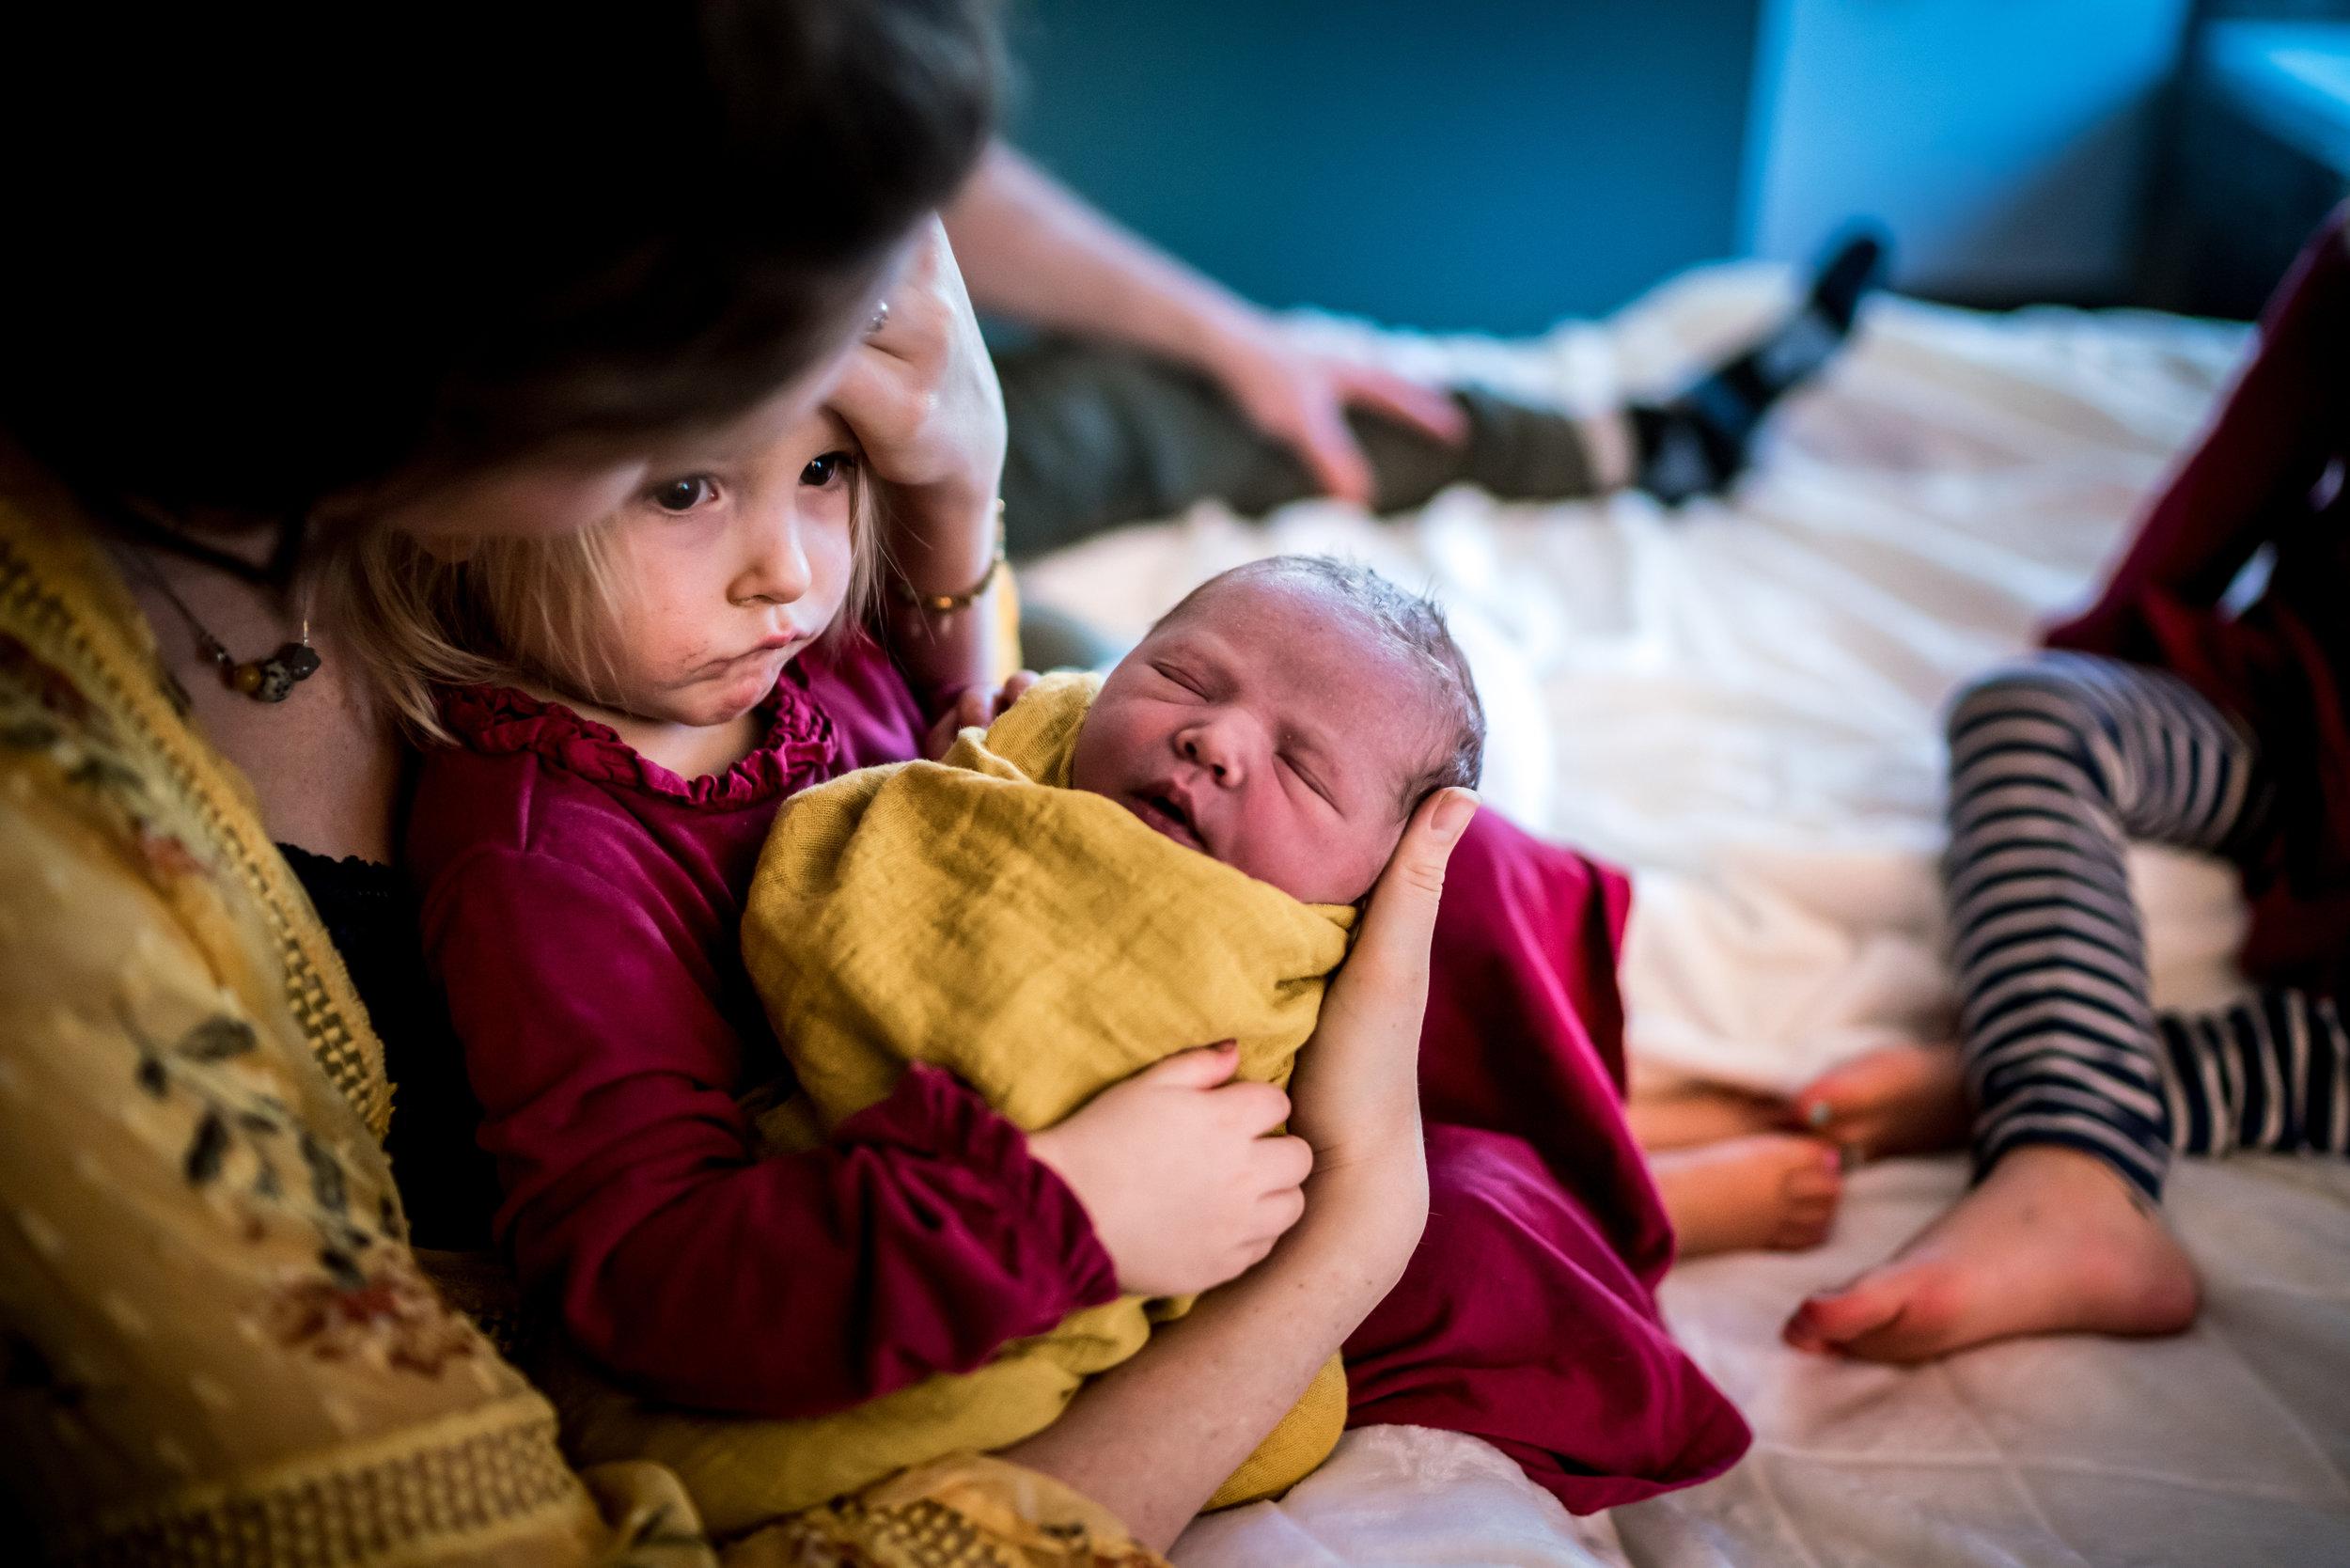 Denver_Colorado_Lindsey_Eden_Photography_Videography-Birth_Center_Monet00008.jpg